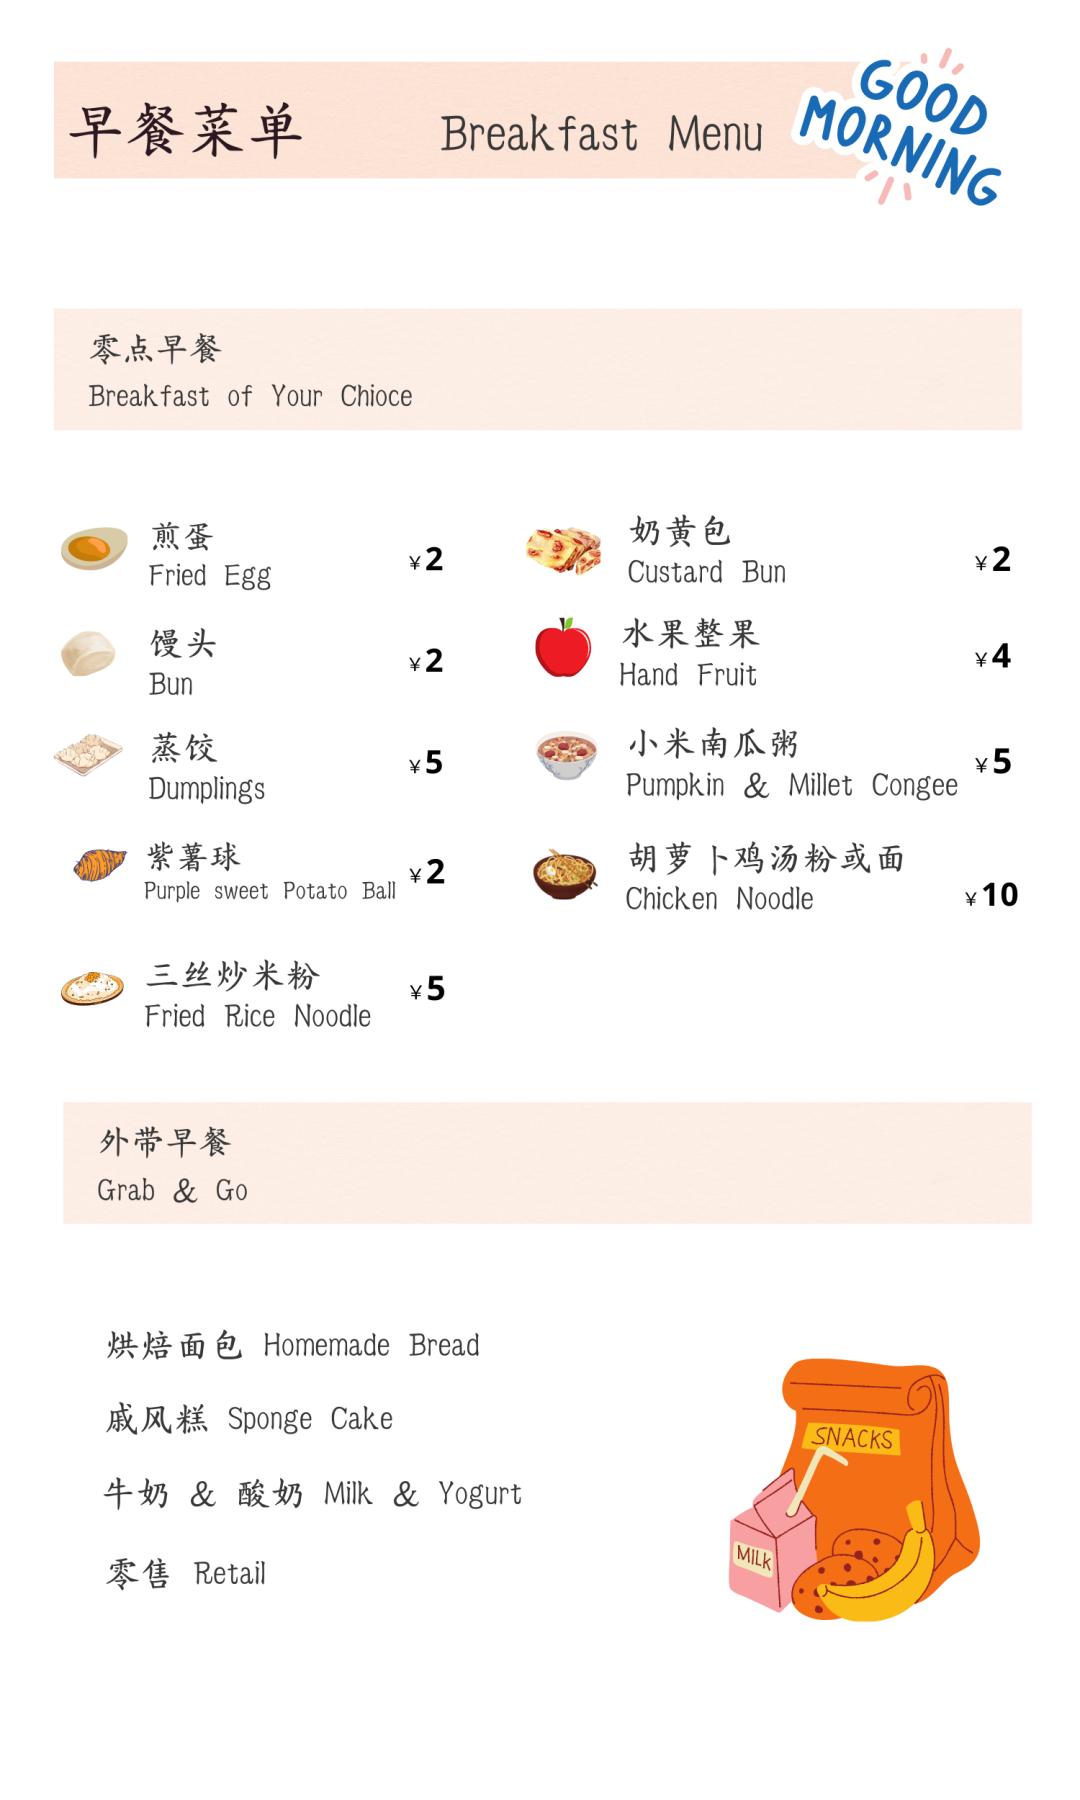 深国交的师生在冬天不出门便可以品尝到经典的节日美食啦  深国交 深圳国际交流学院 学在国交 第21张